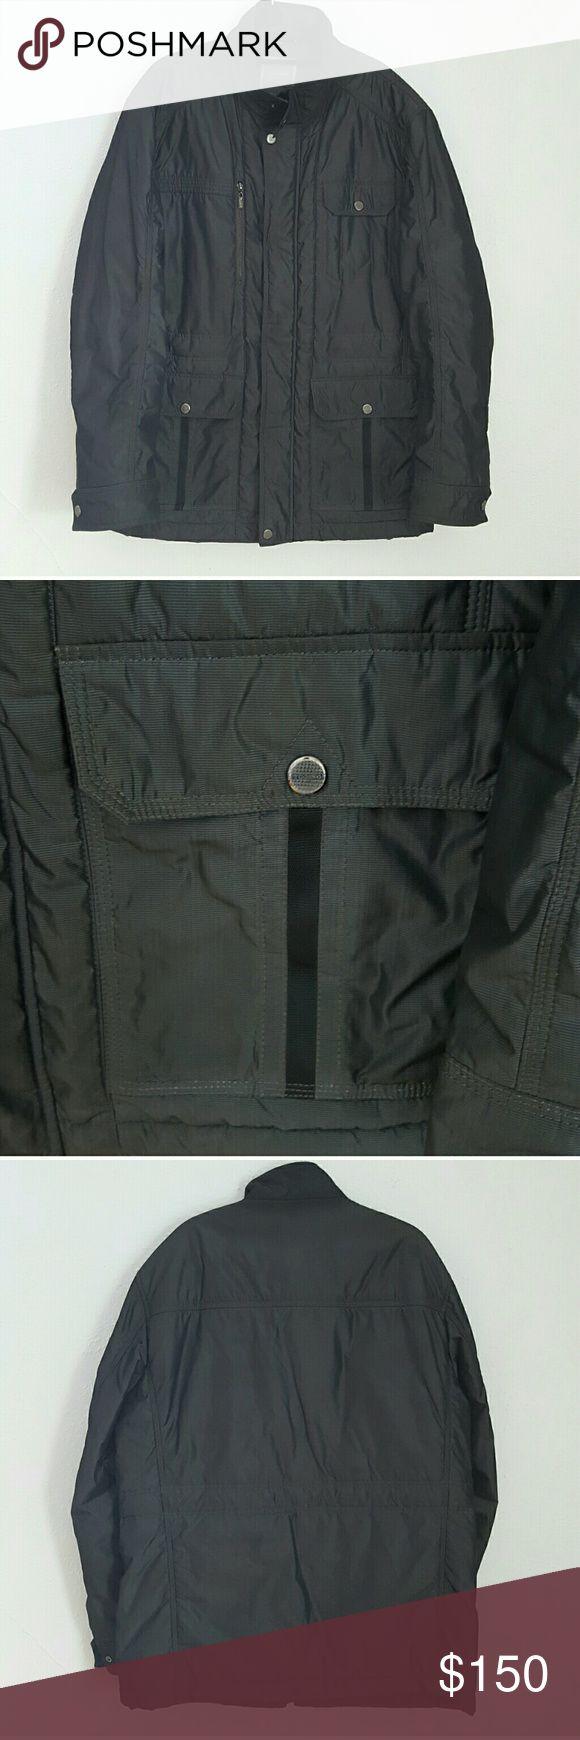 Men's Tucano Jacket EUC. Mens Tucano scooter/ motorcycle jacket. European Size 54 which converts to a U.S. L. Tucano Jackets & Coats